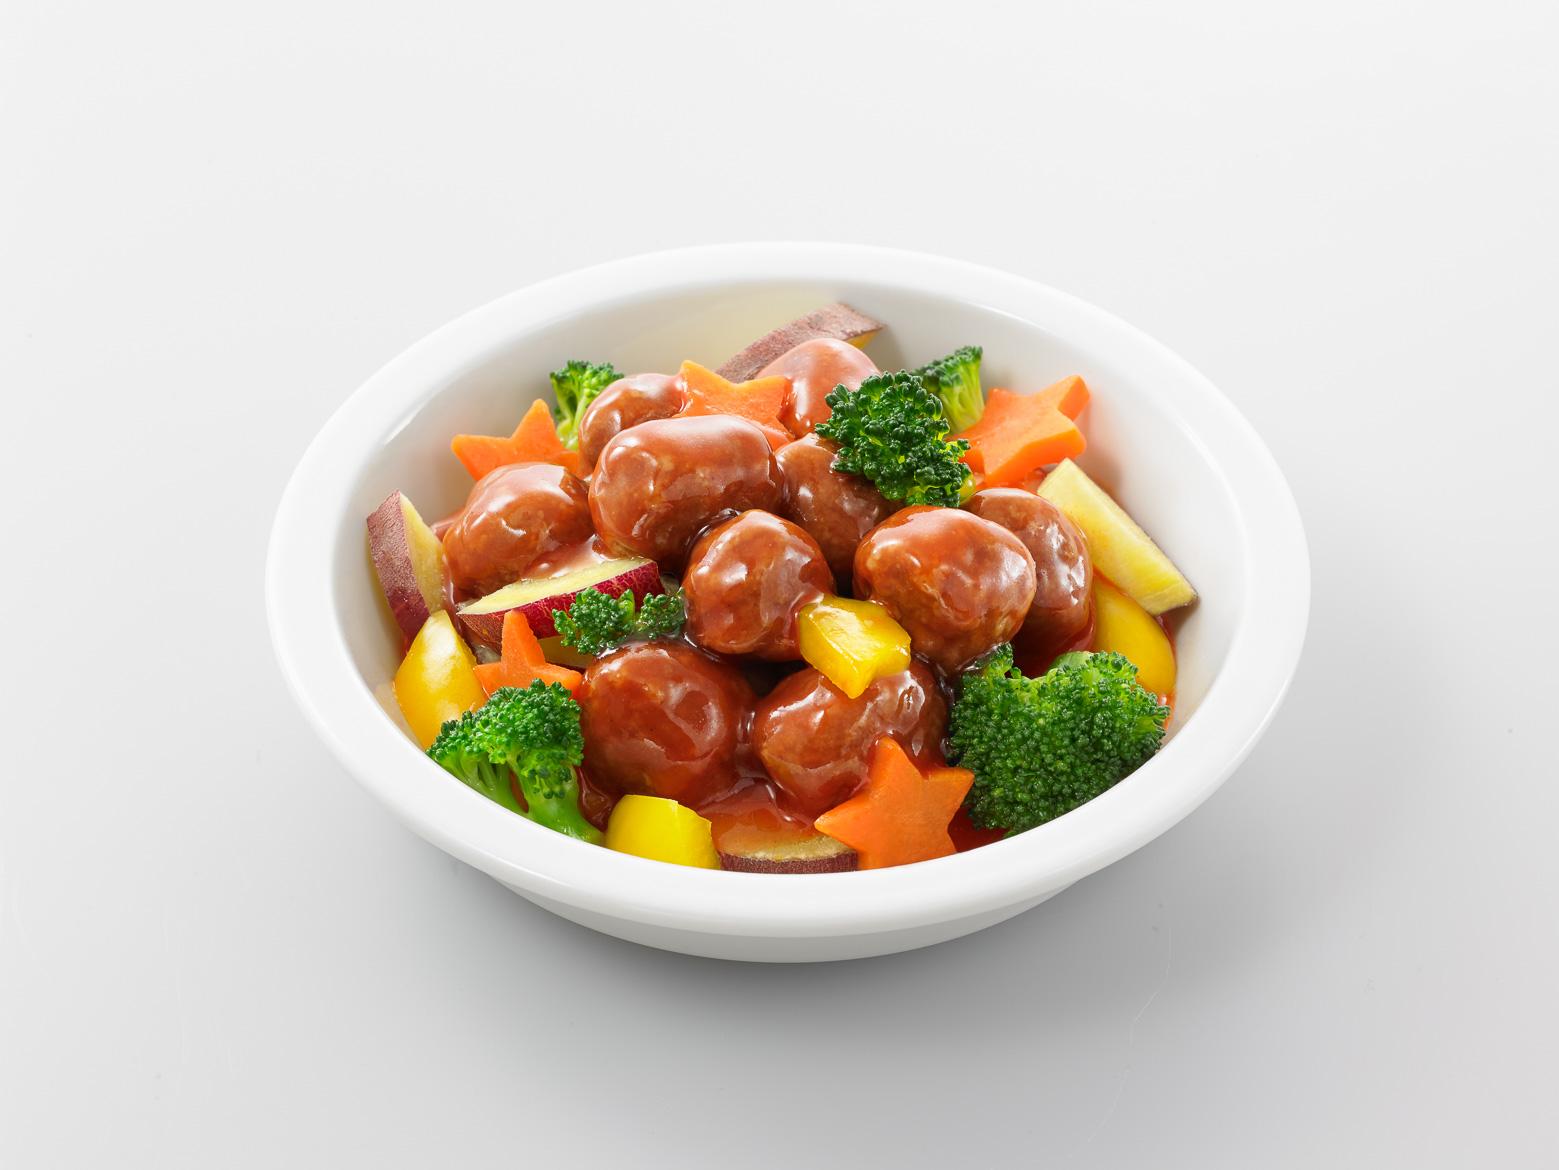 イシイのミートボール温野菜